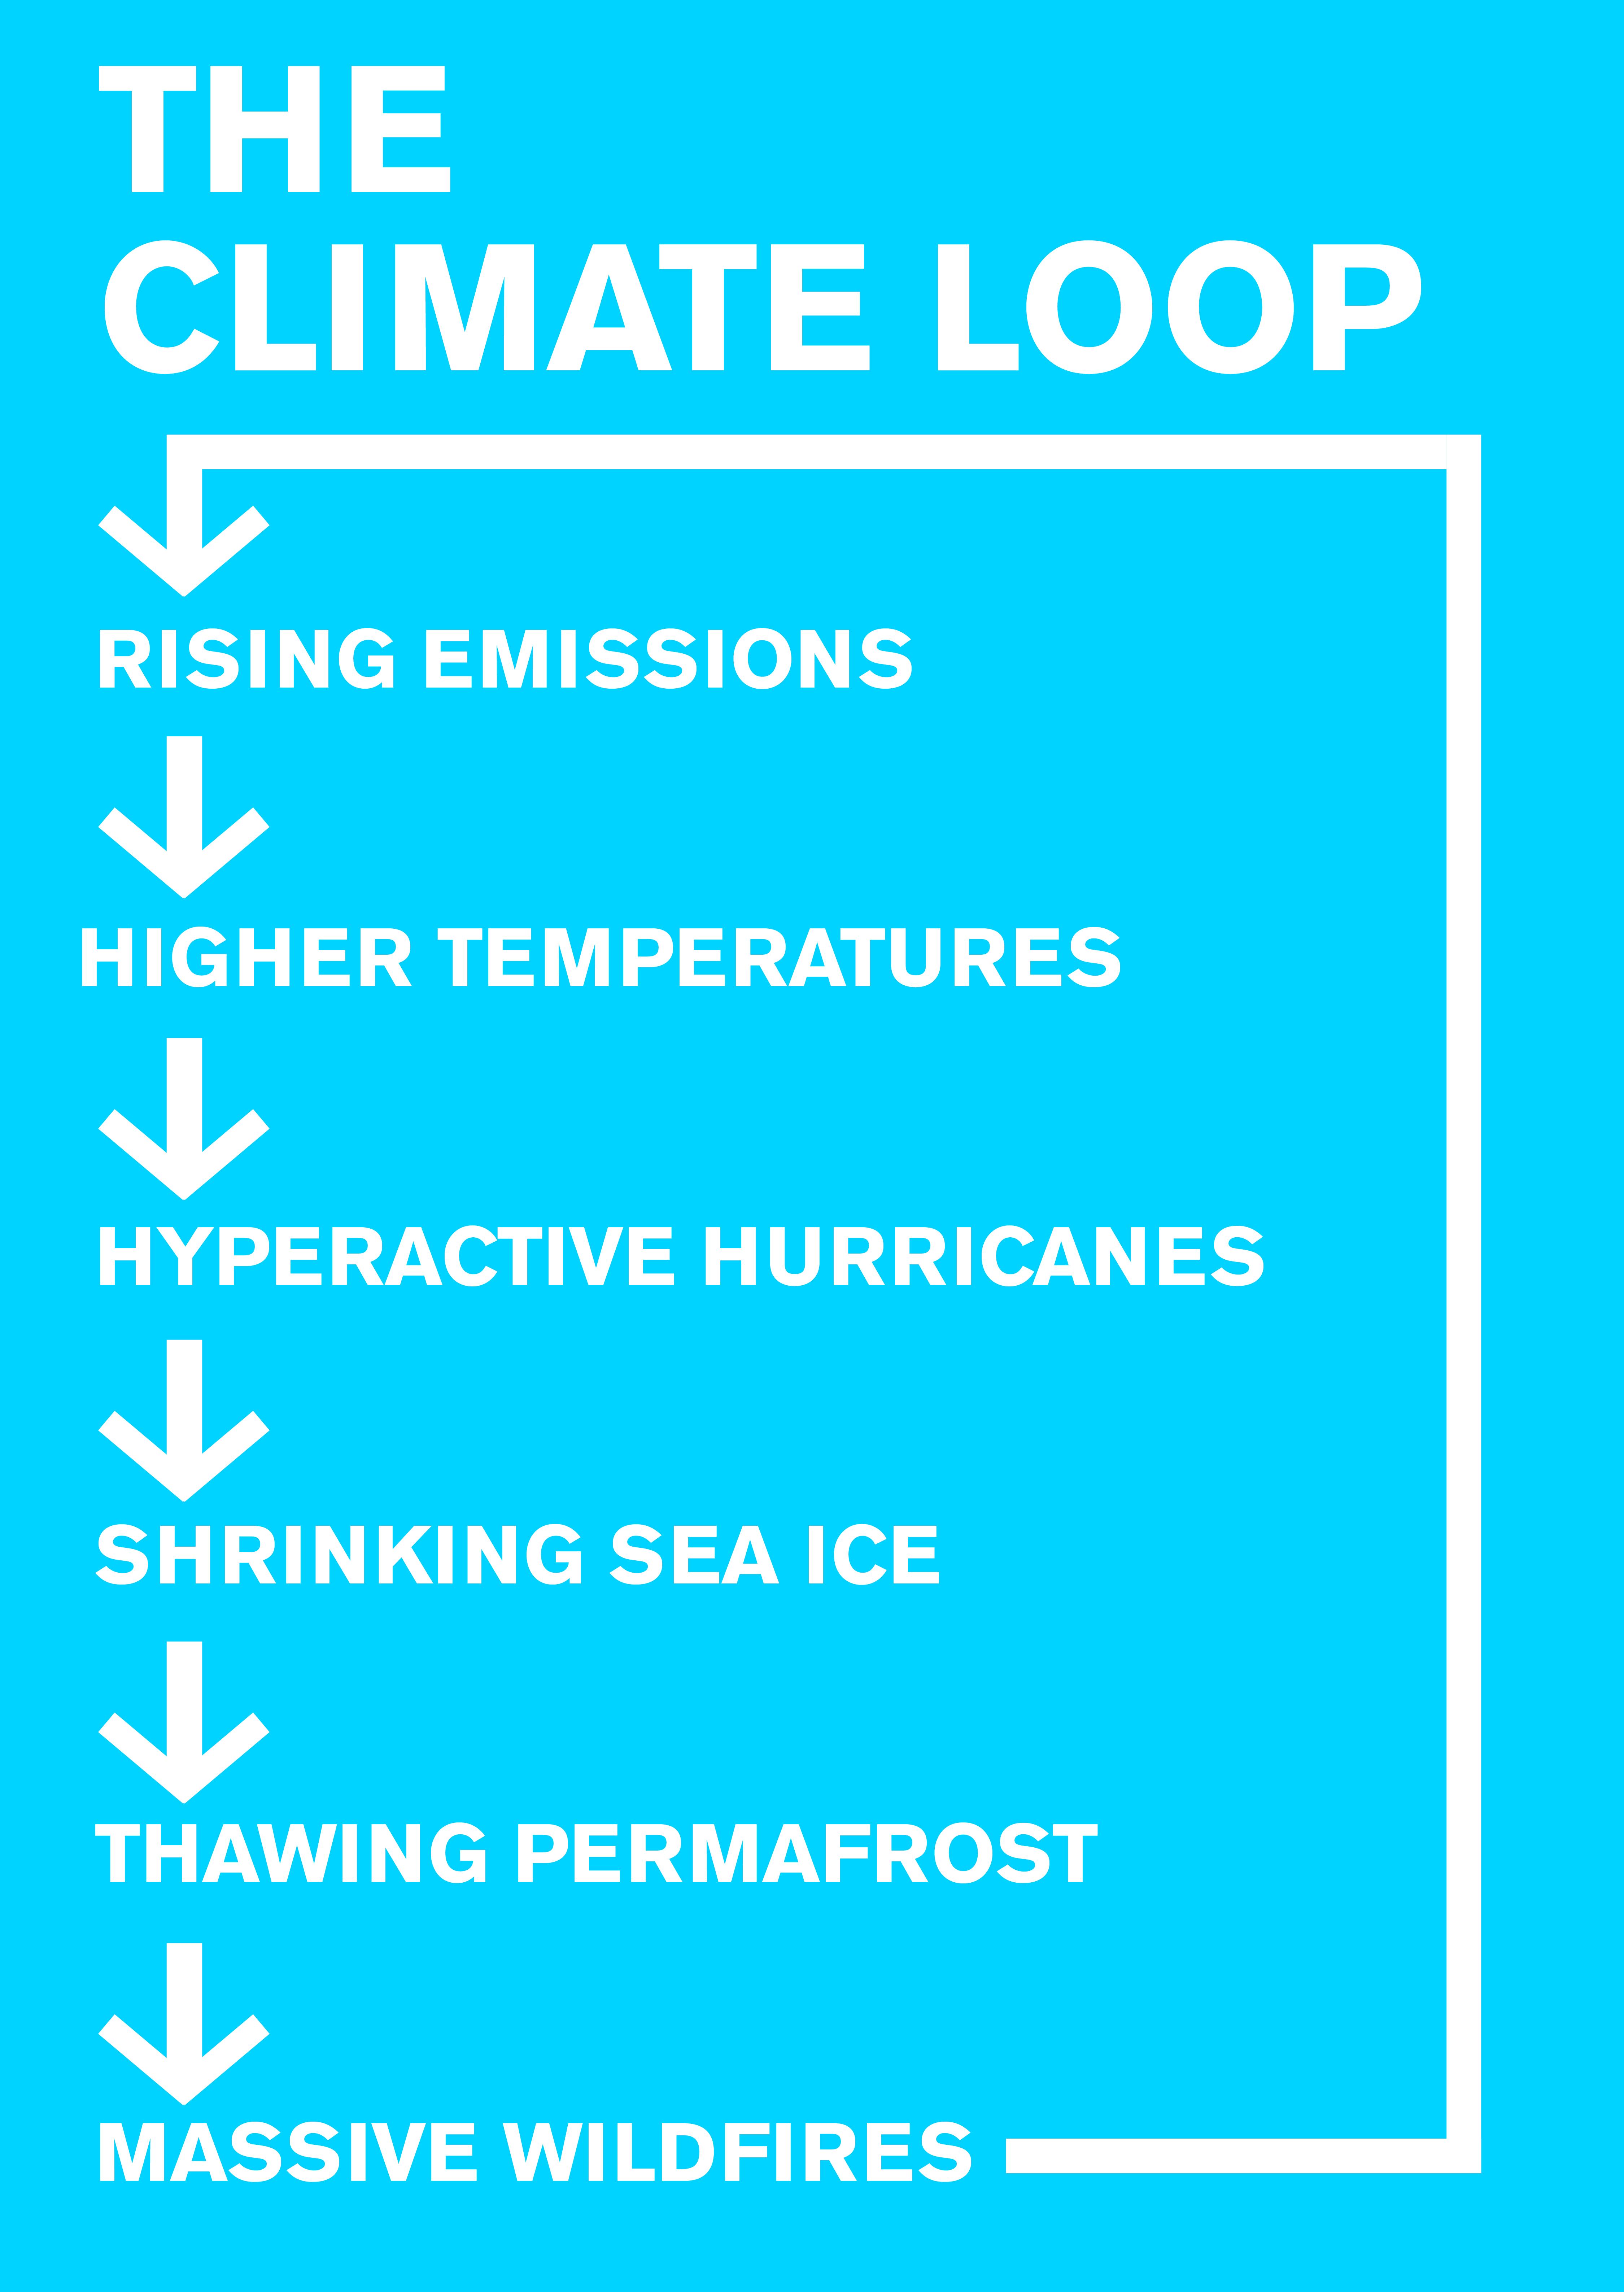 気候変動が形成する悪循環、 頻発する異常気象と自然災害